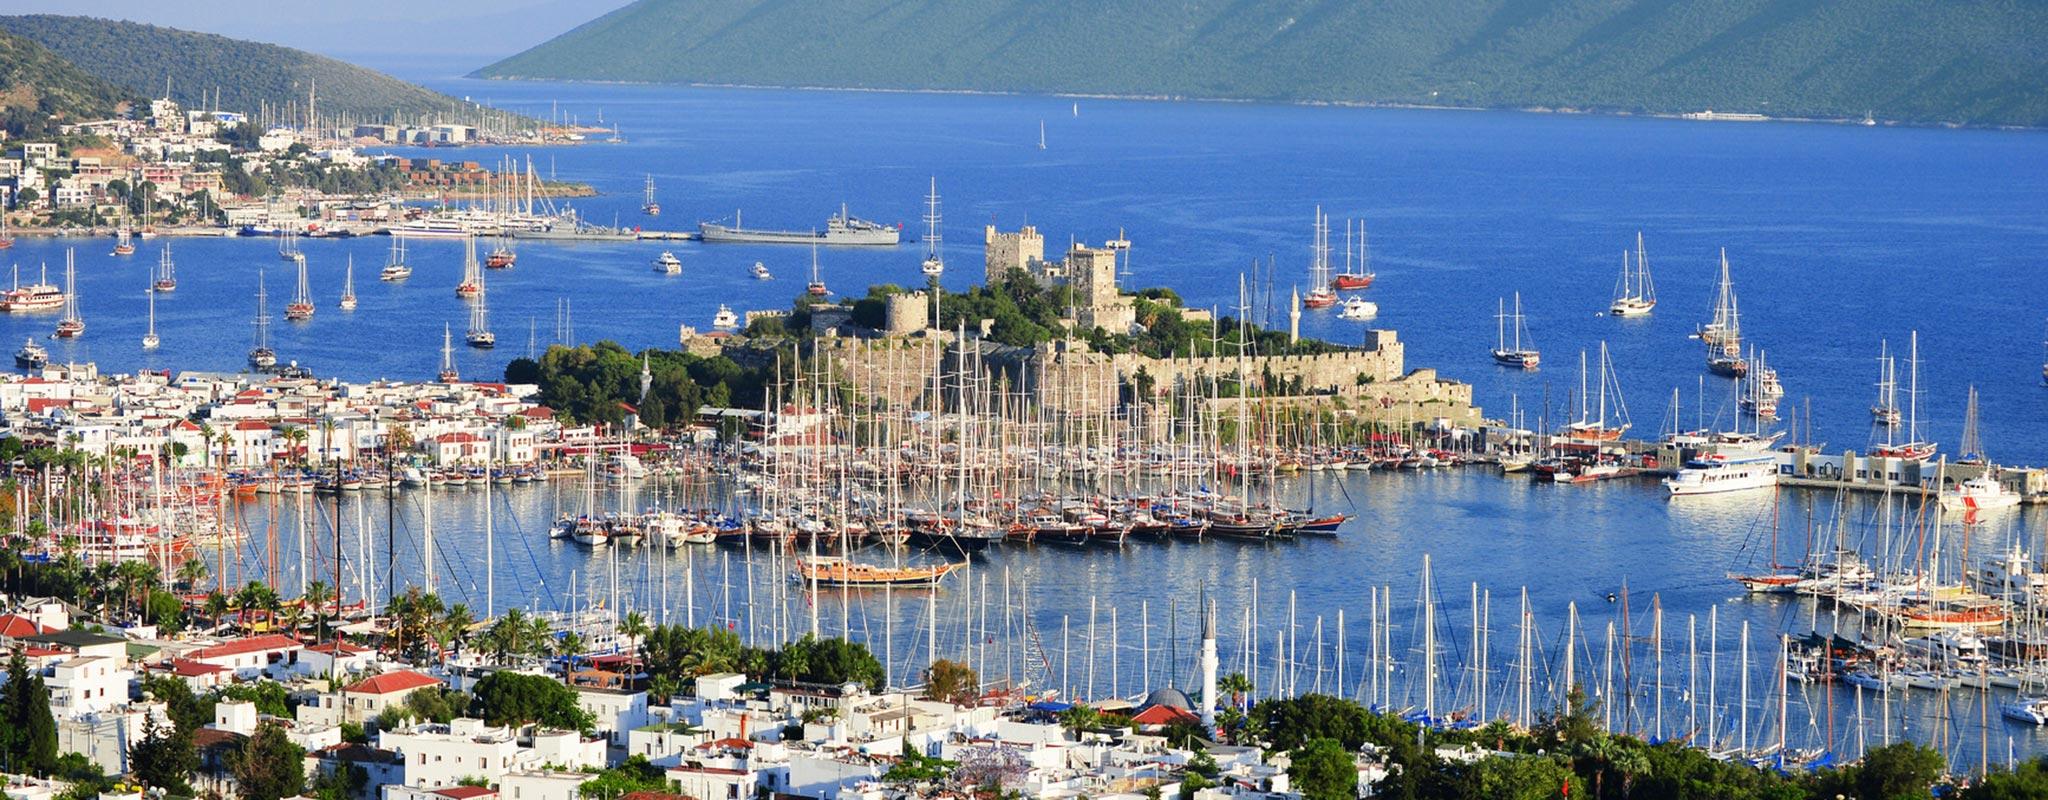 Το Λιμάνι στο Μπόντρουμ (Αλλικαρνασός) στην Τουρκία